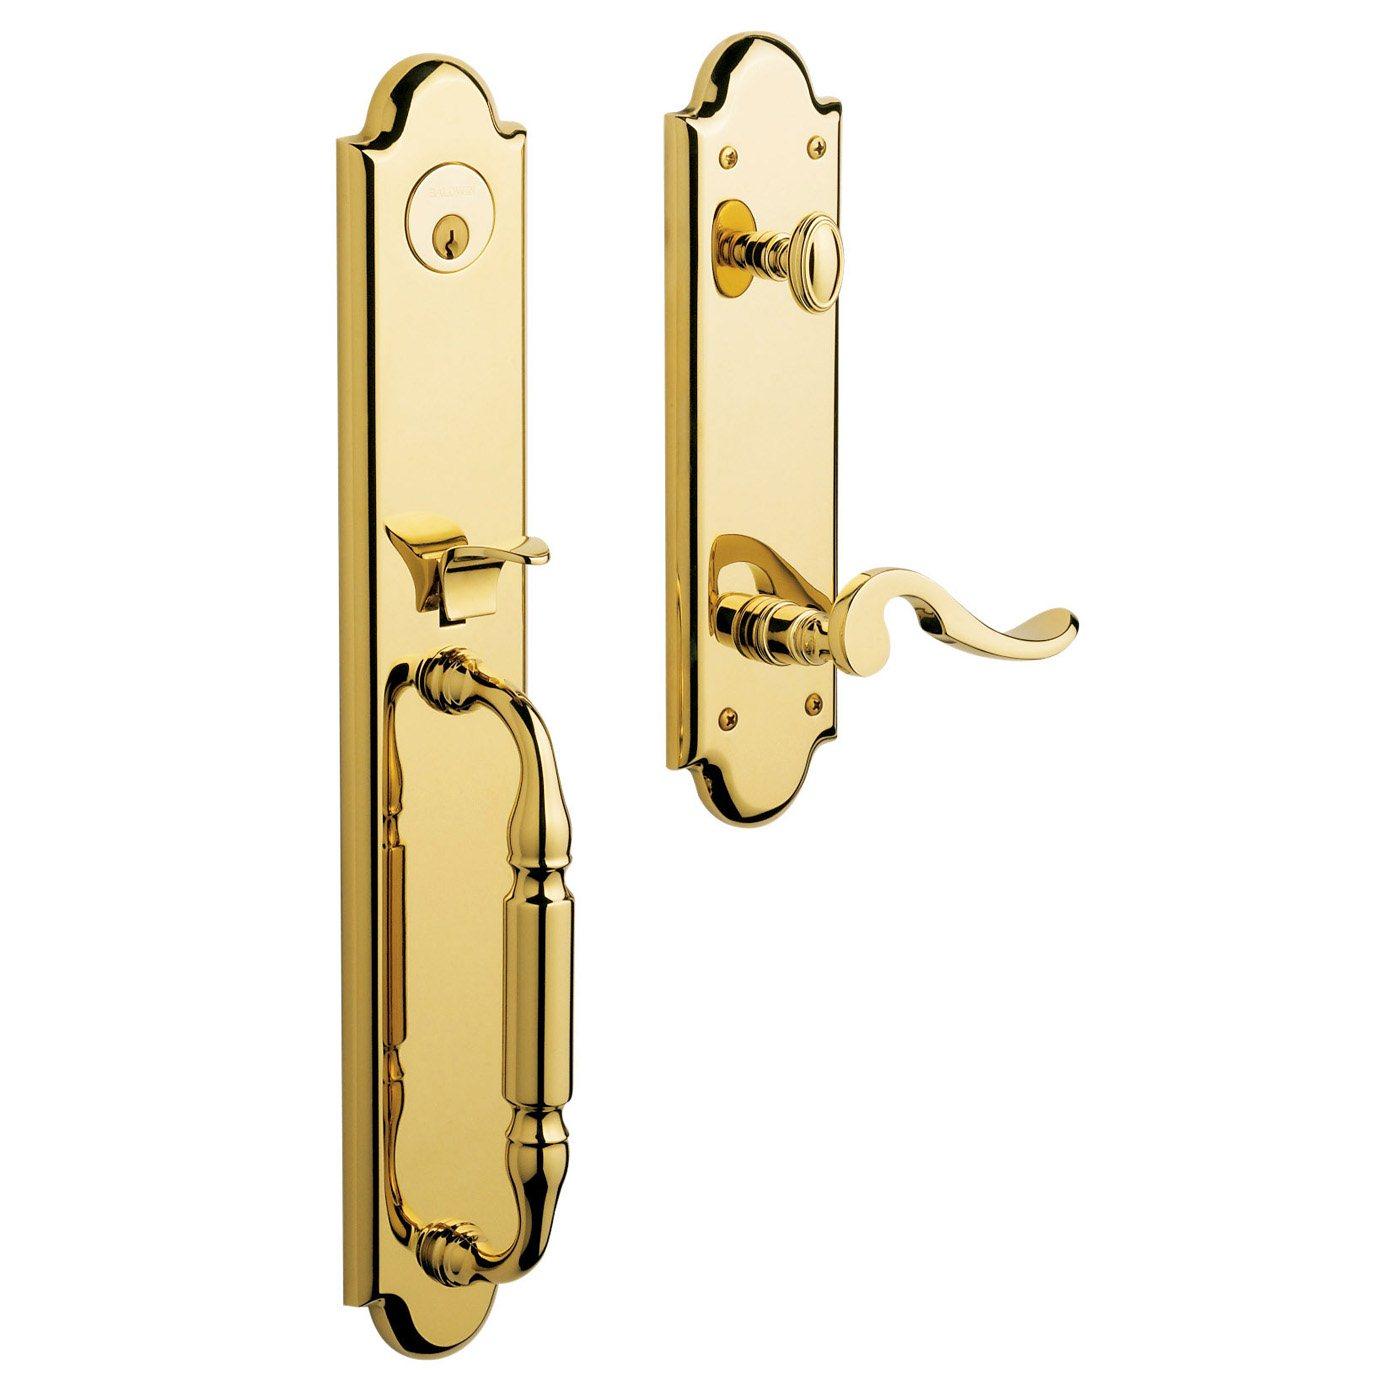 baldwin door knob parts photo - 1